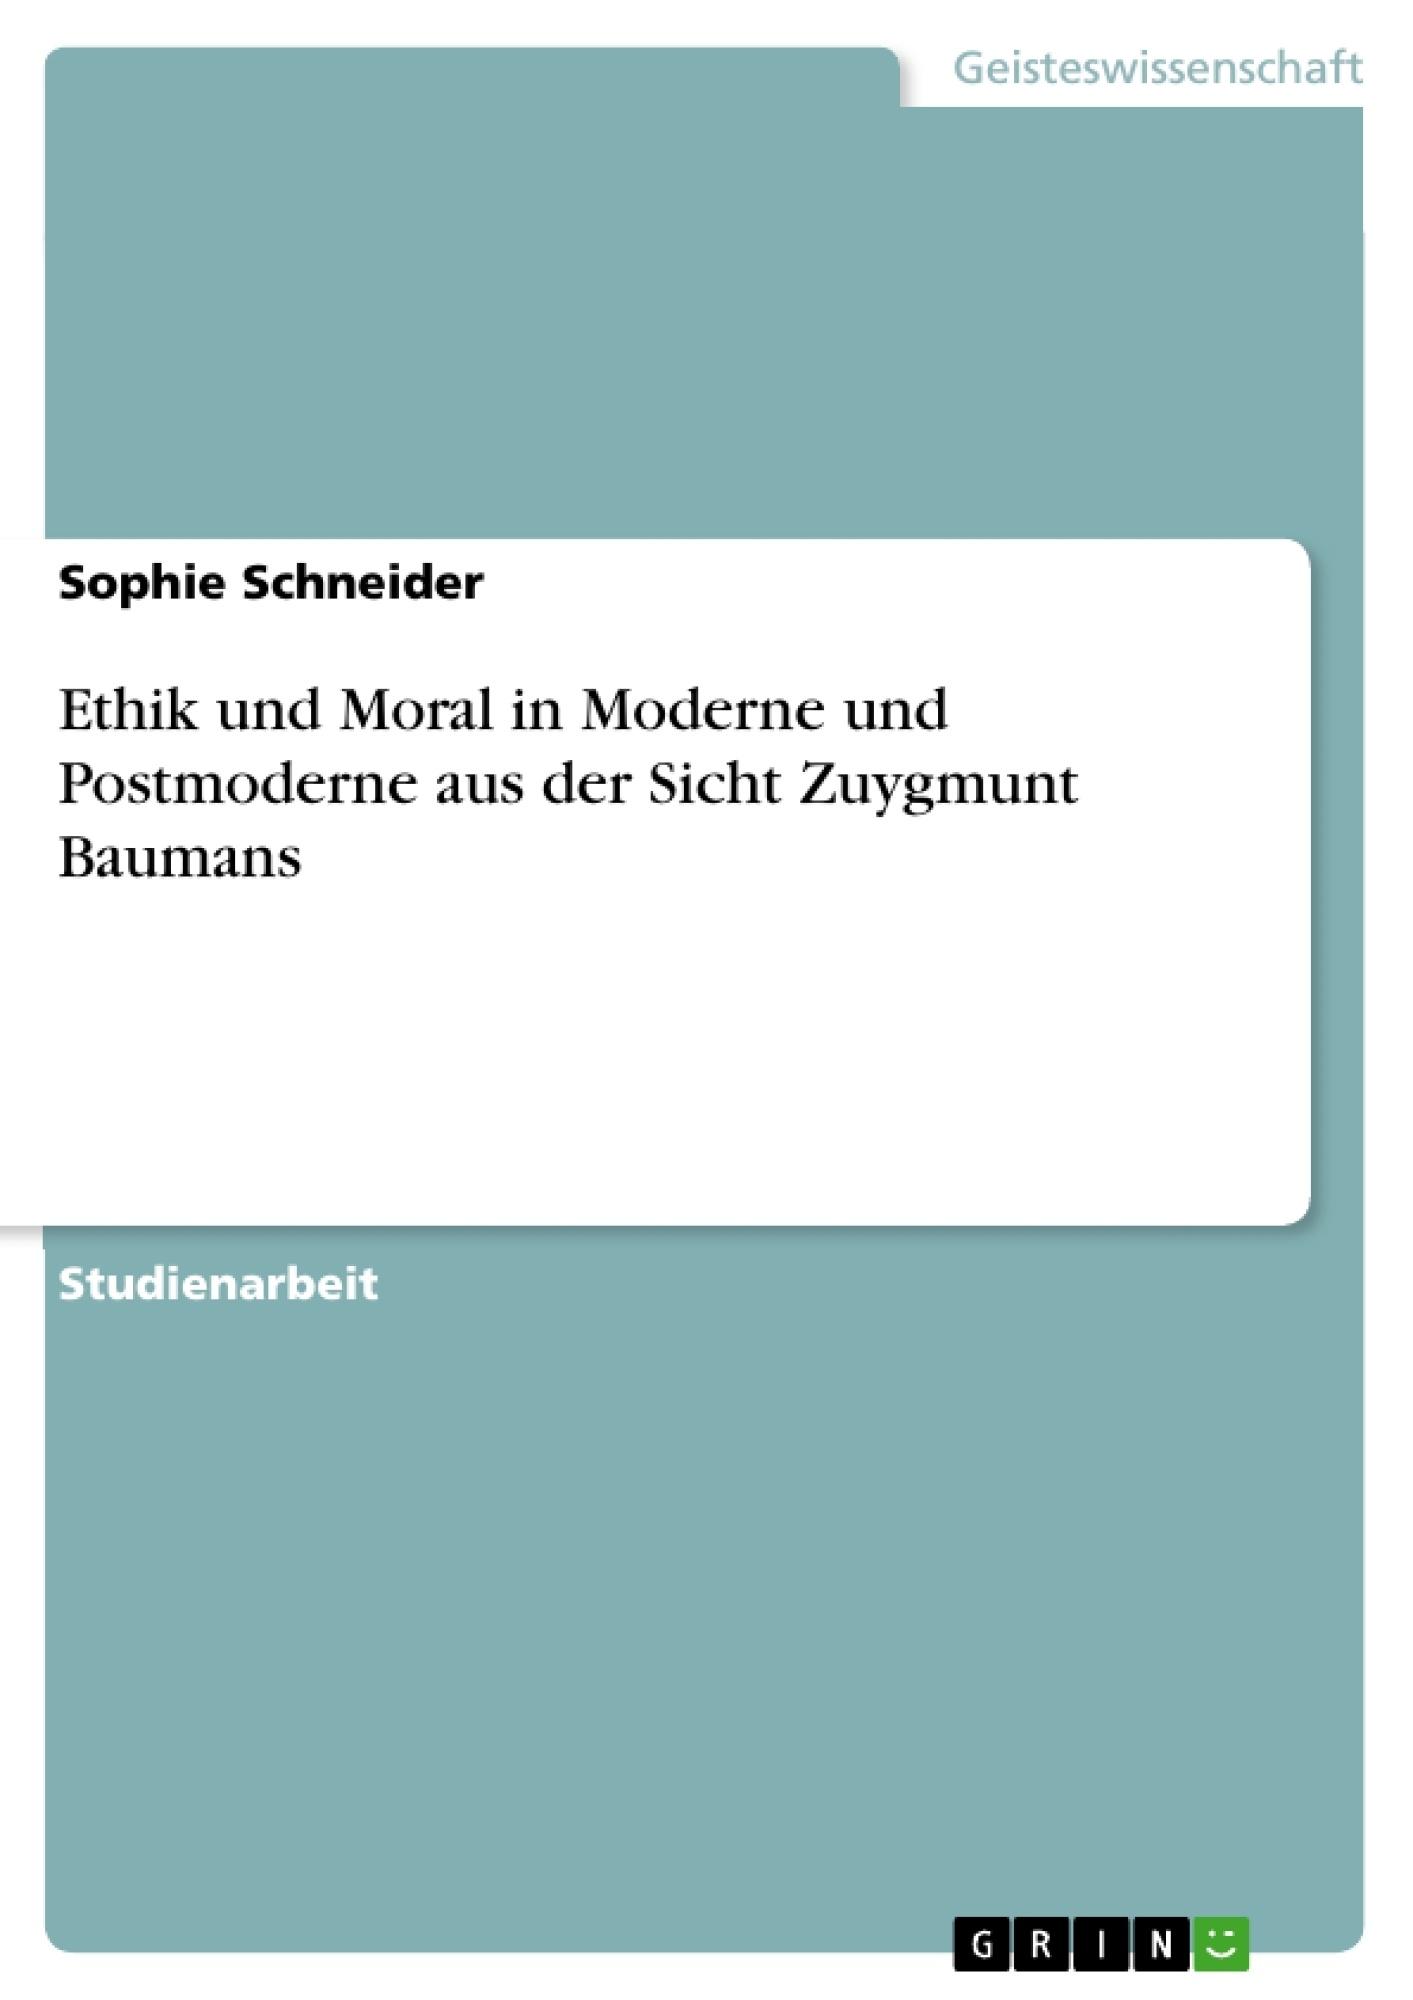 Titel: Ethik und Moral in Moderne und Postmoderne aus der Sicht Zuygmunt Baumans